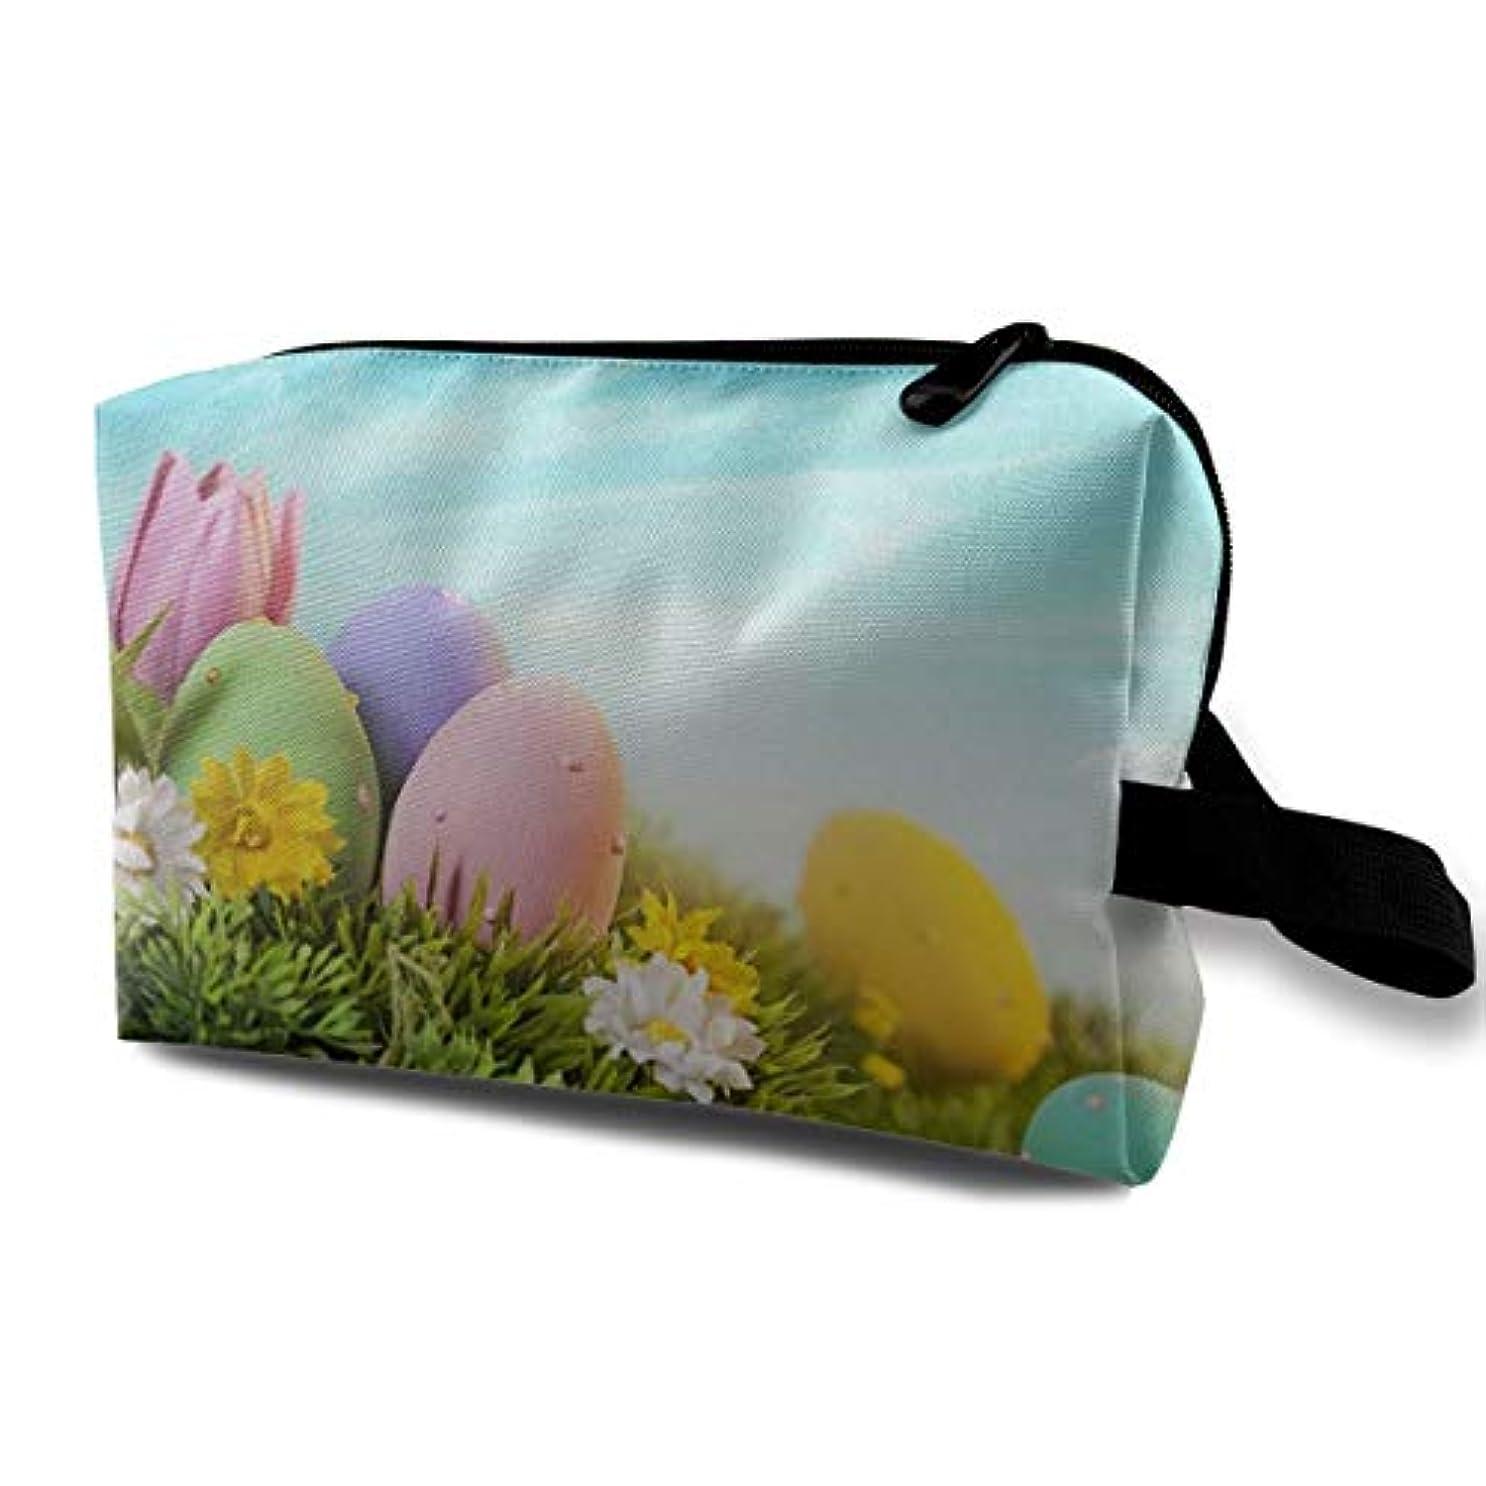 非難する小さいテレマコスGreen Grass Eggs Wrinkle 収納ポーチ 化粧ポーチ 大容量 軽量 耐久性 ハンドル付持ち運び便利。入れ 自宅?出張?旅行?アウトドア撮影などに対応。メンズ レディース トラベルグッズ